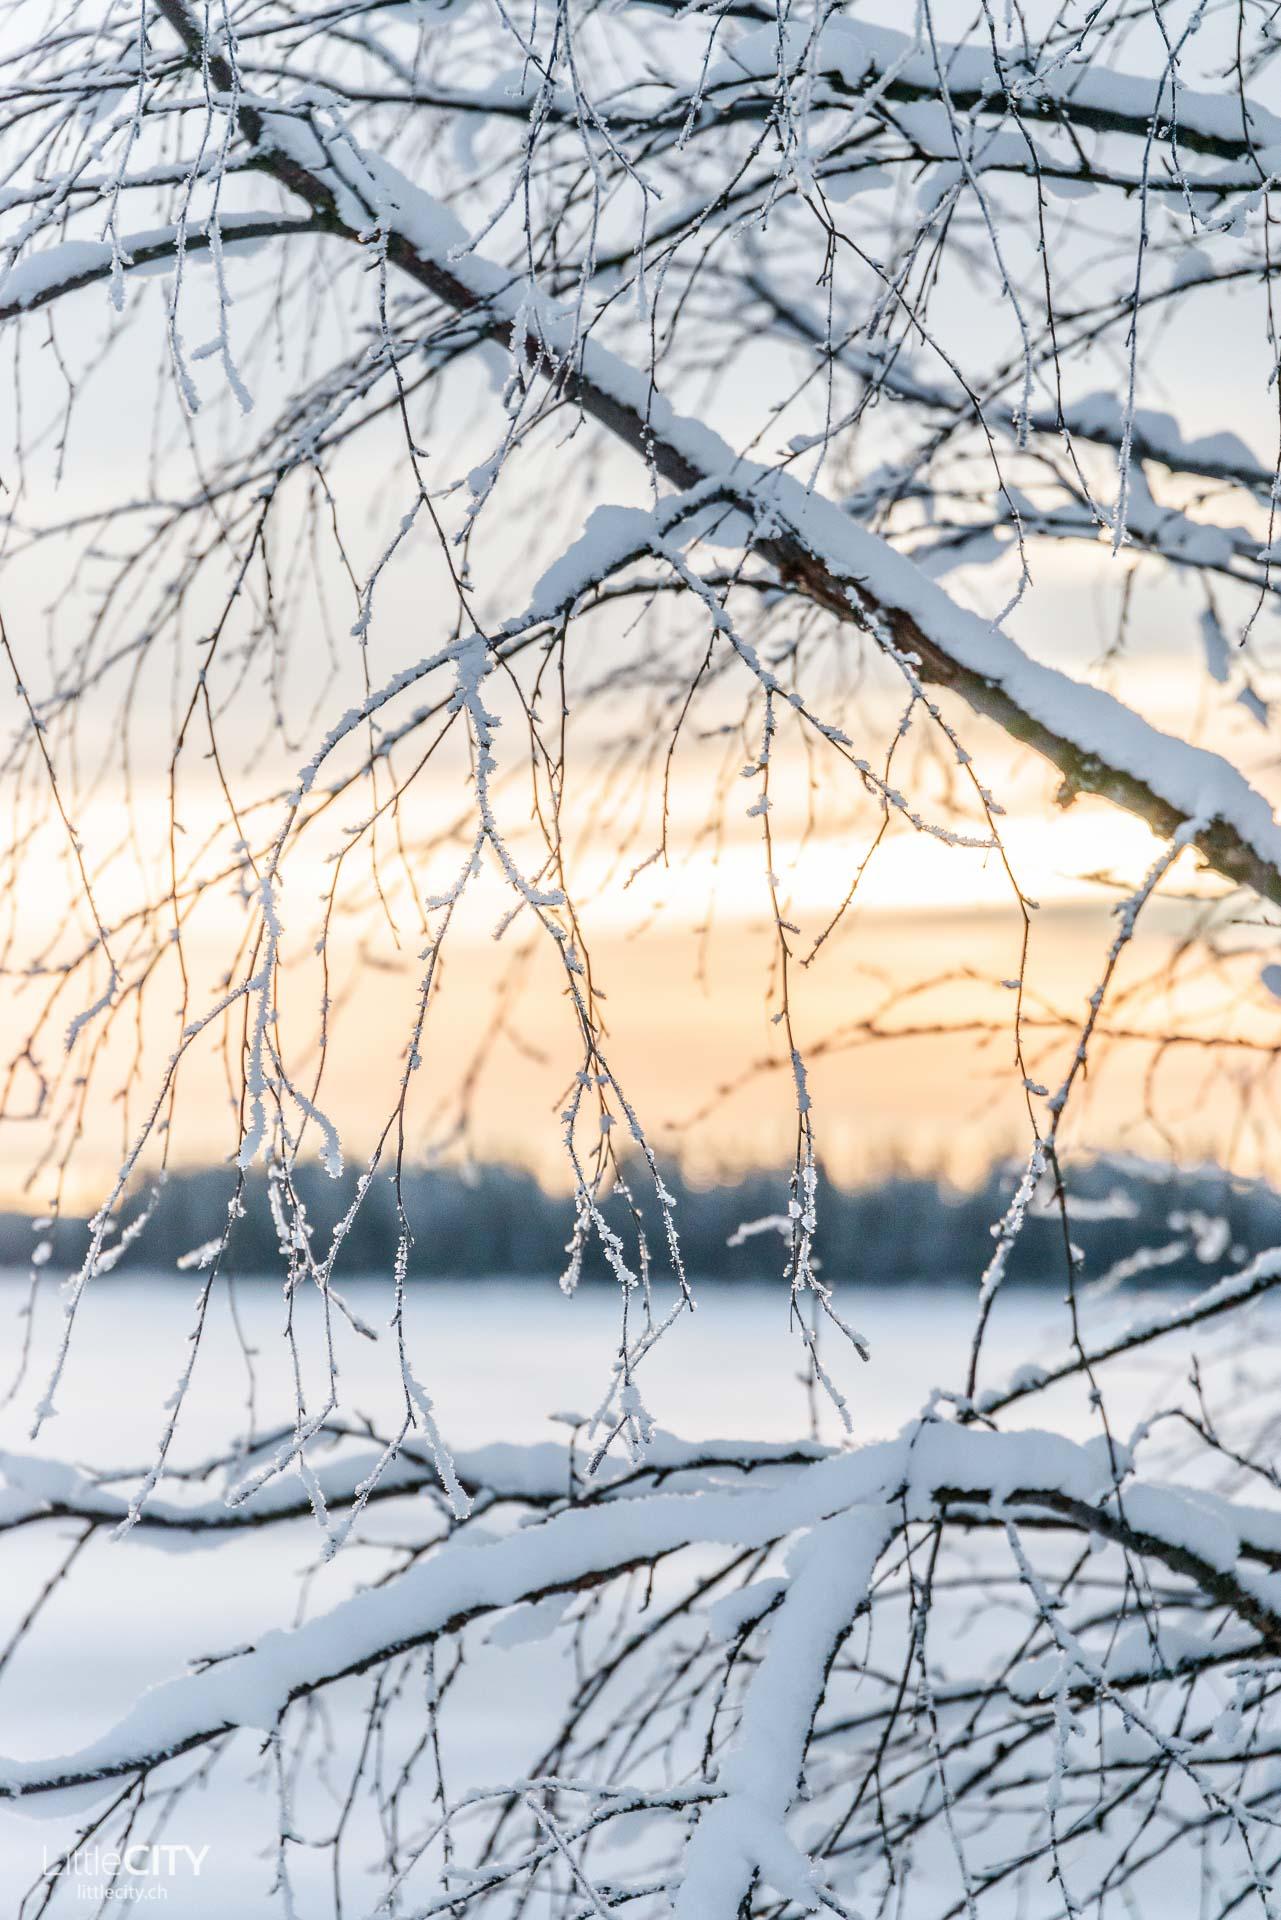 ruka-kusamo-lappland-winter